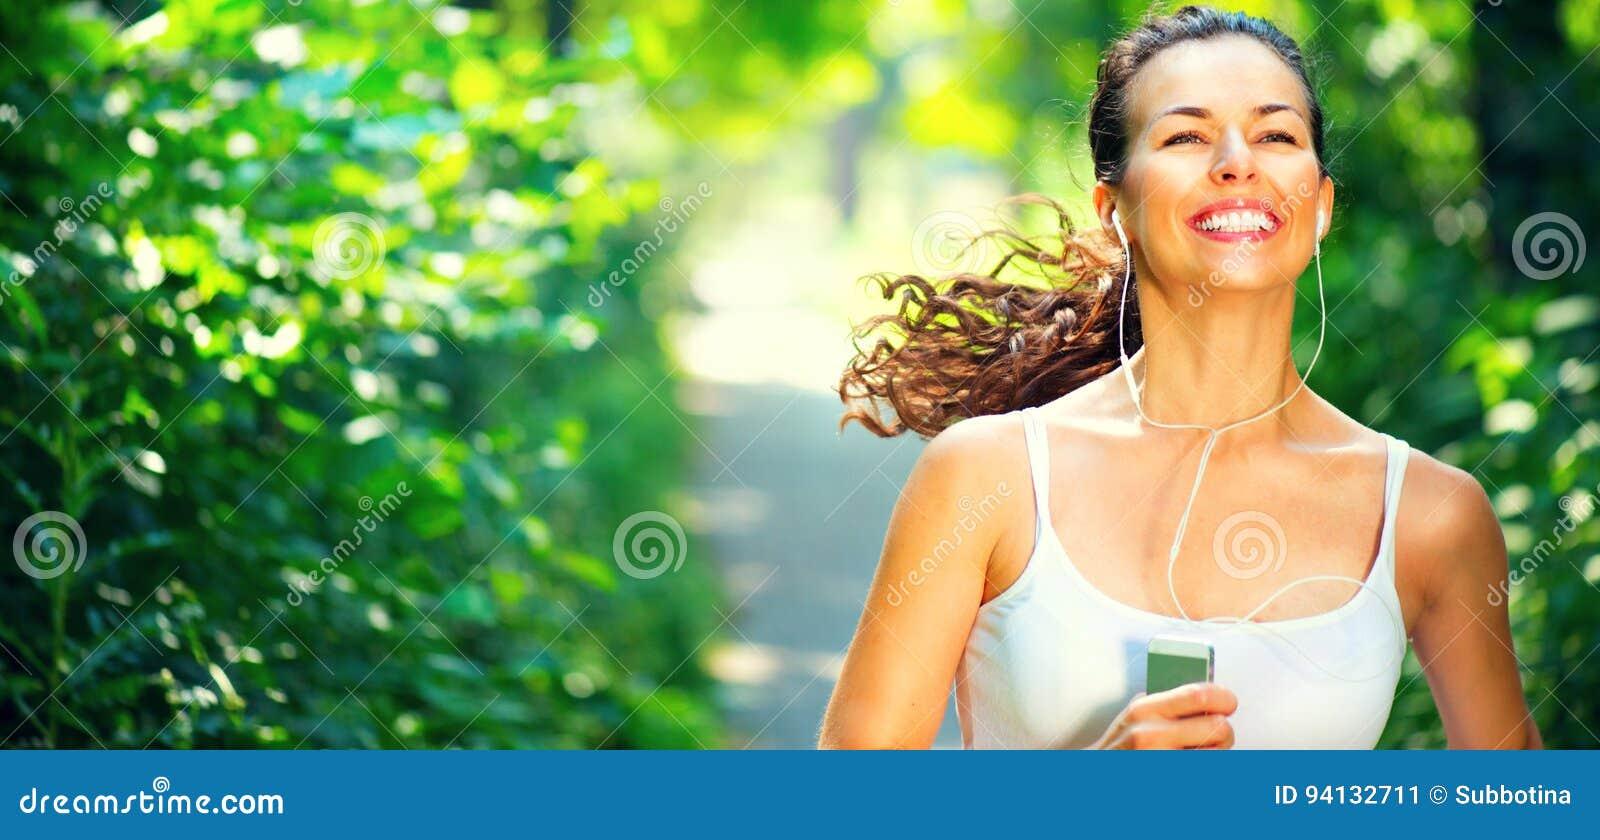 Fille sportive courante Jeune femme de beauté pulsant en parc